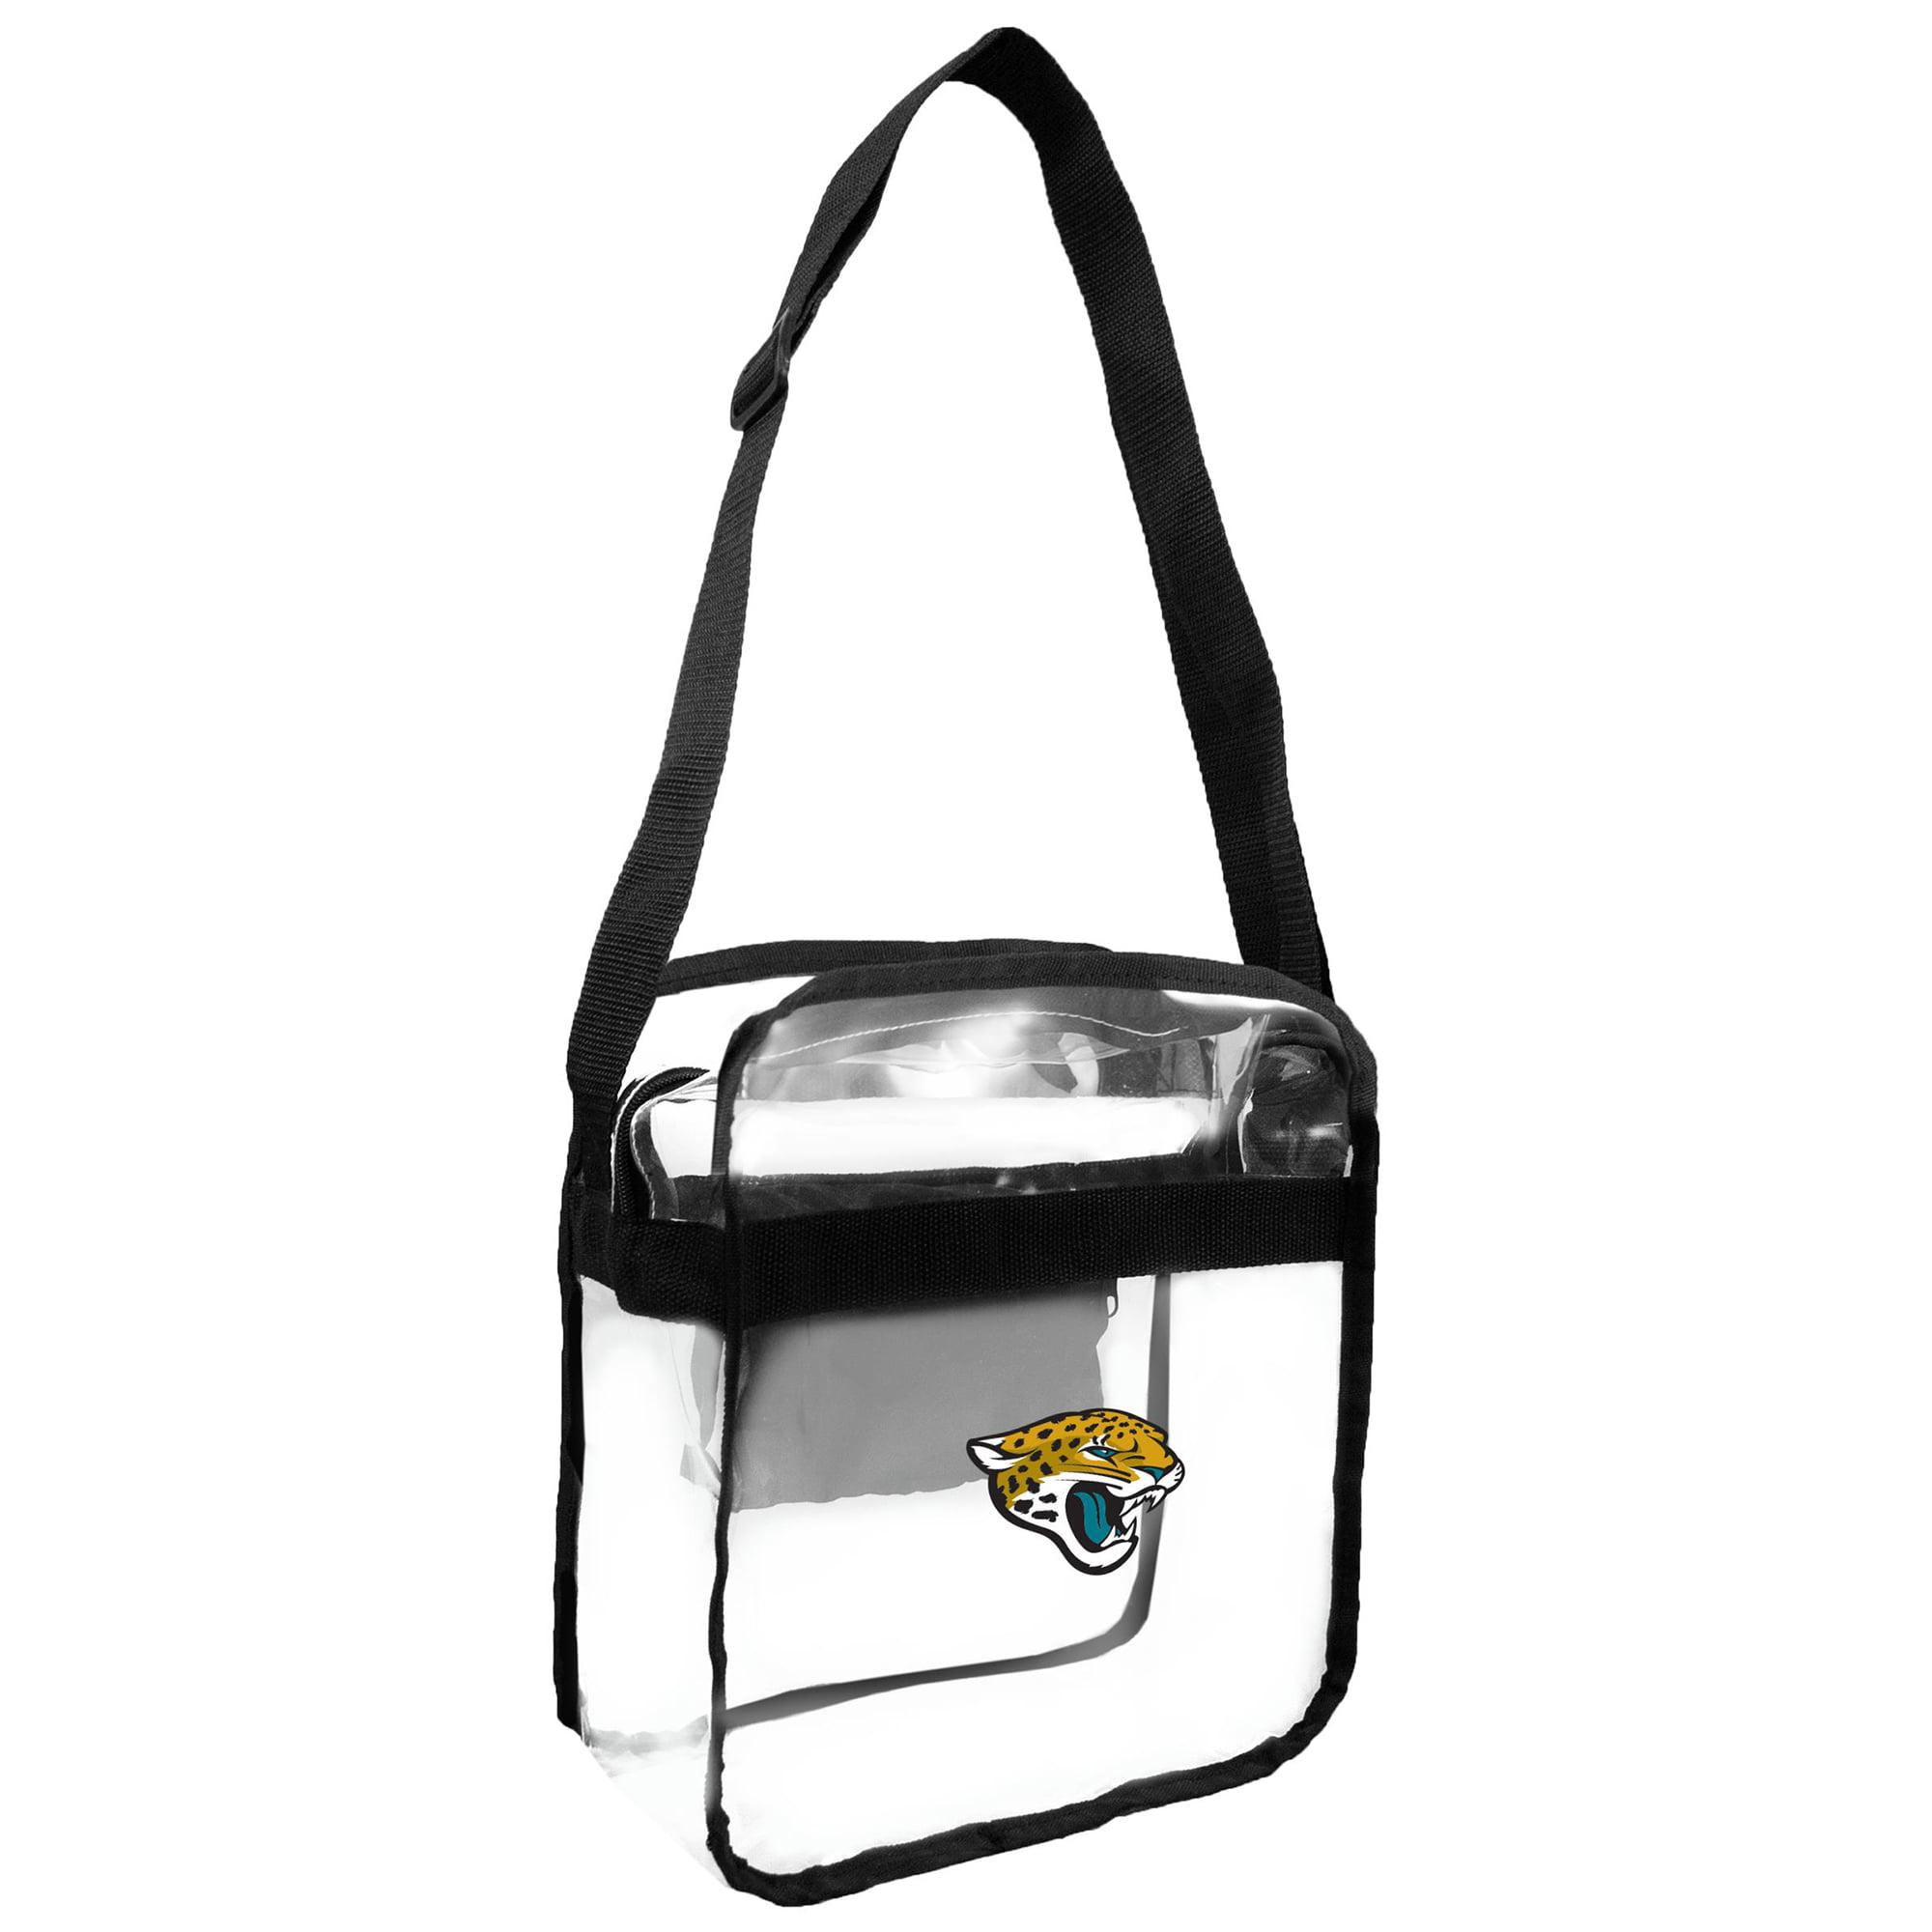 Little Earth - NFL Clear Carryall Cross Body Bag, Jacksonville Jaguars